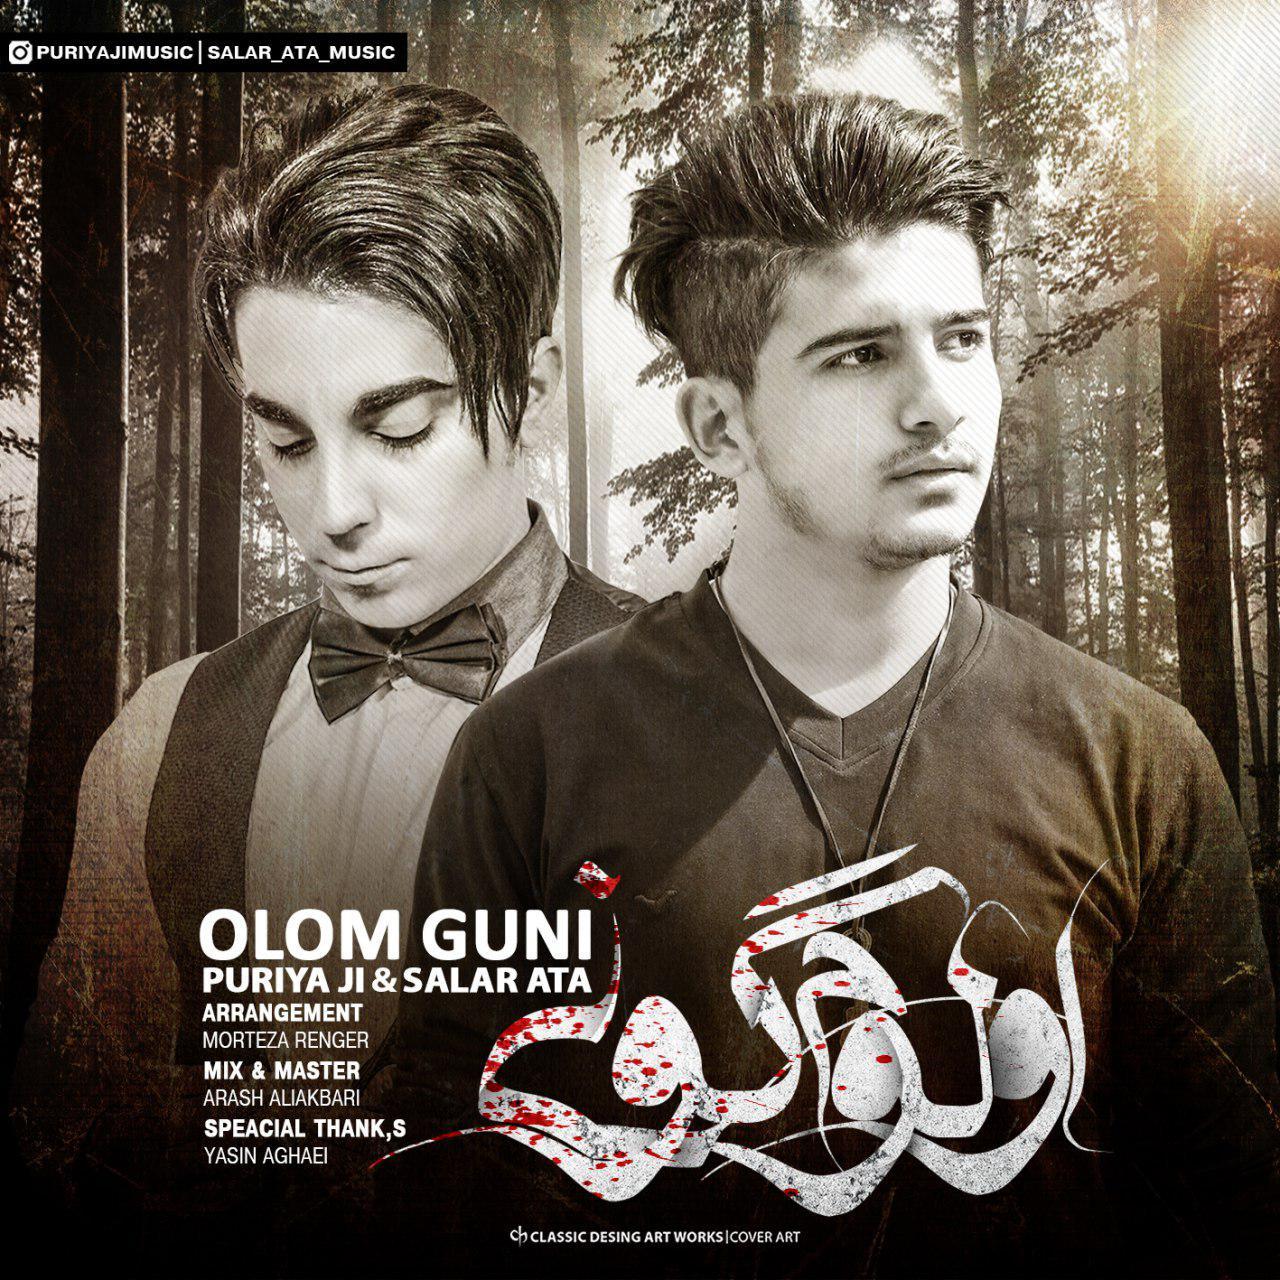 http://s9.picofile.com/file/8301136592/023Puriya_Ji_Salar_Ata_Olum_Guni.jpg